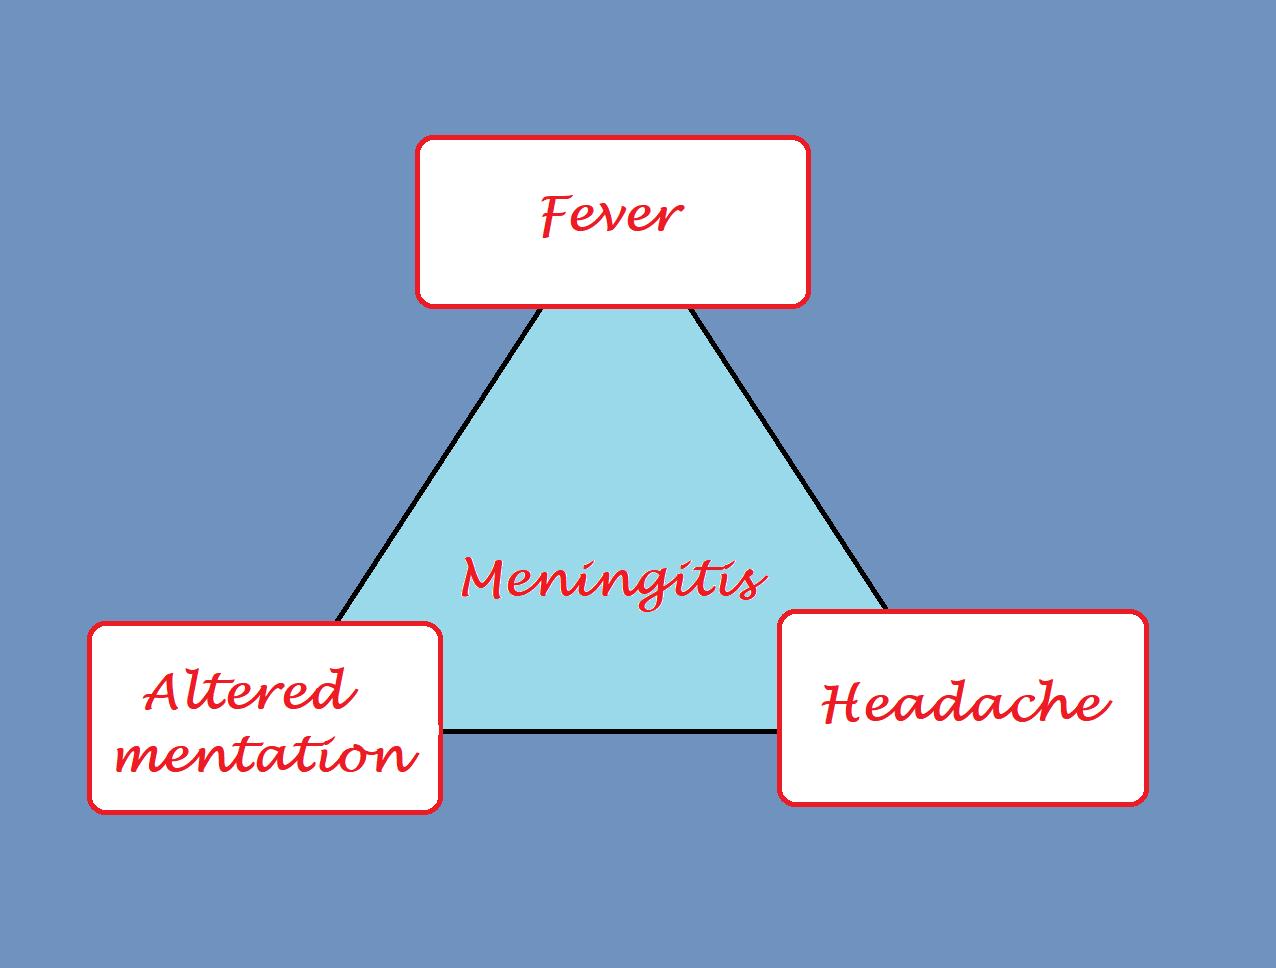 symptom triad of meningitis